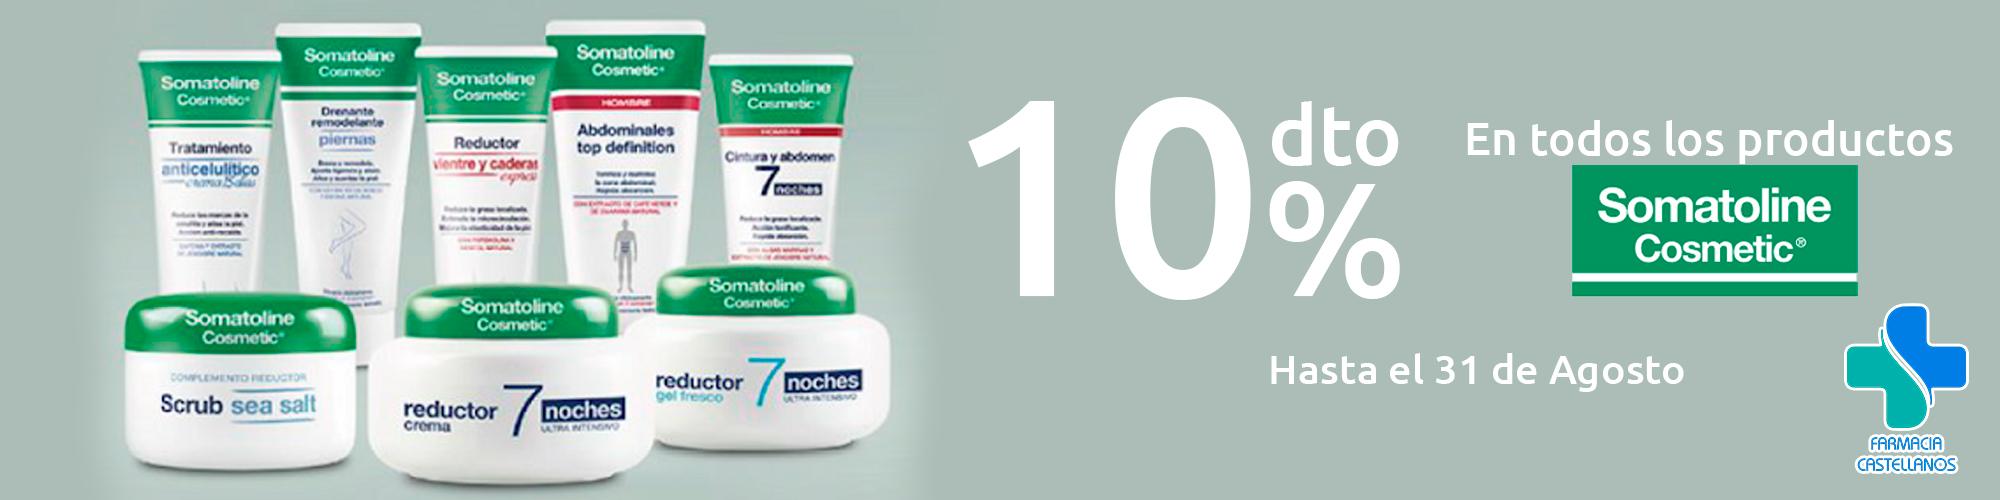 promocion-somatoline-farmaciabeatrizcastellanos